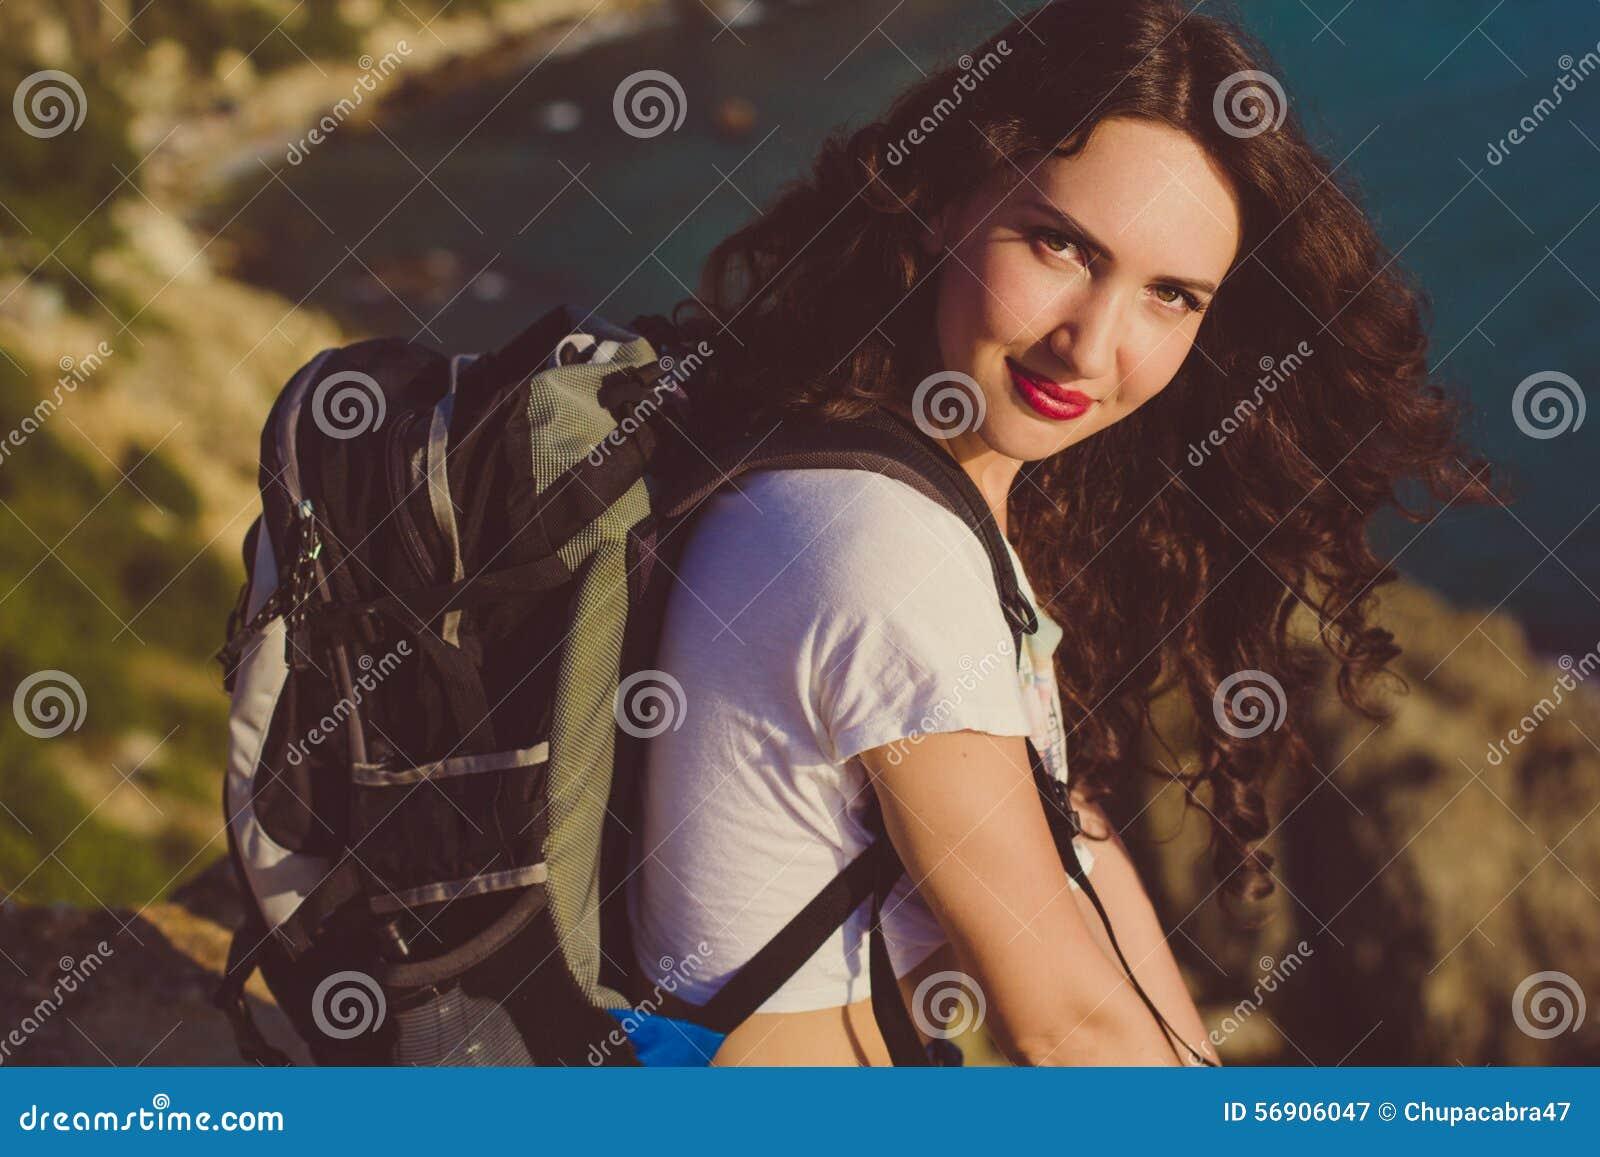 Το ευτυχές κορίτσι με το σακίδιο πλάτης κάθεται στην αιχμή βράχου